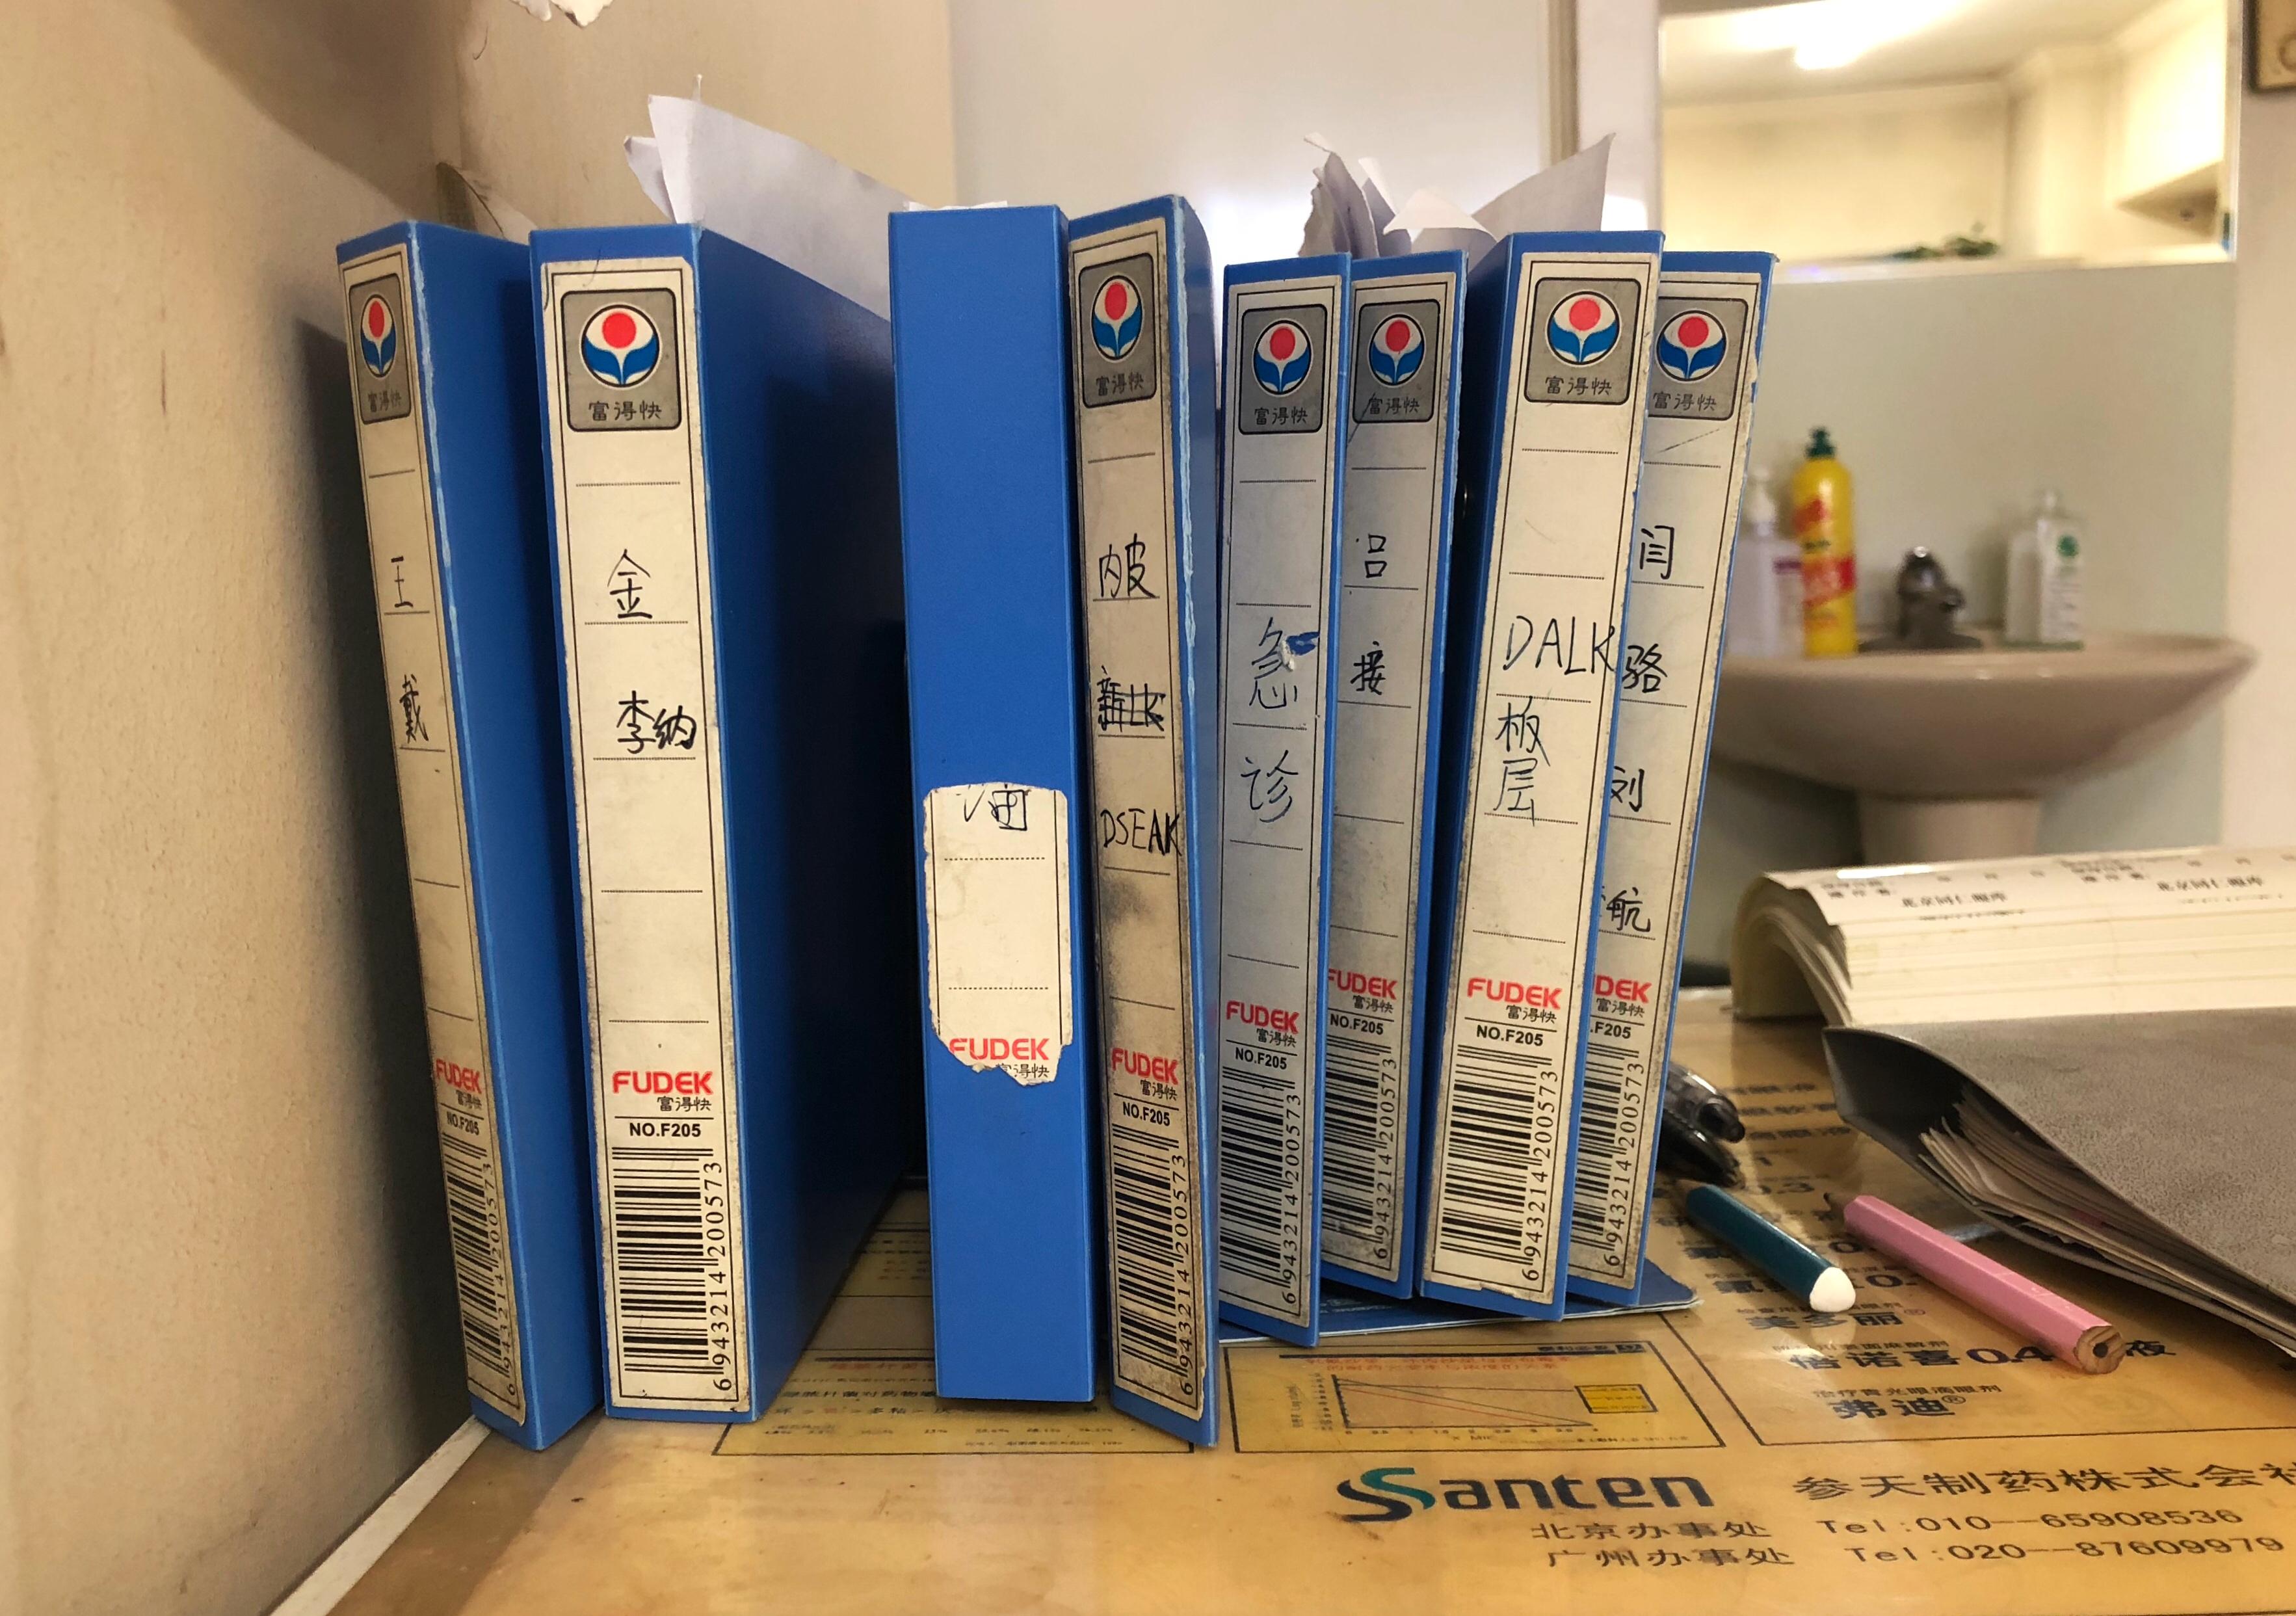 (图片拍摄于于津办公室,桌上排列的蓝色文件夹中存放着等待做角膜移植手术的患者病历。苏悦/摄)